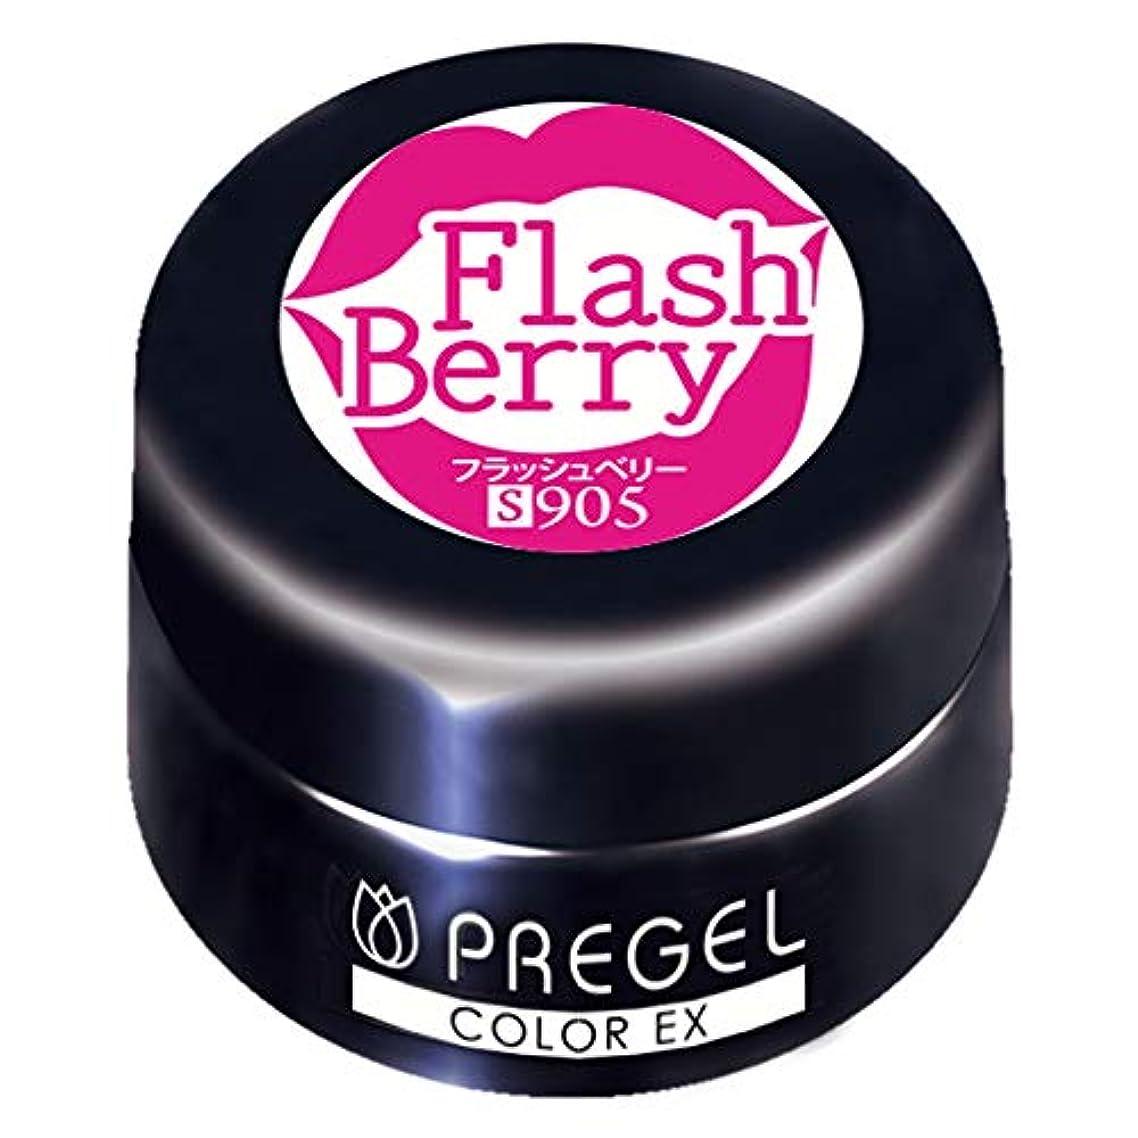 迷惑チョップ拒絶PRE GELカラーEX フラッシュベリー 3g PG-CE905